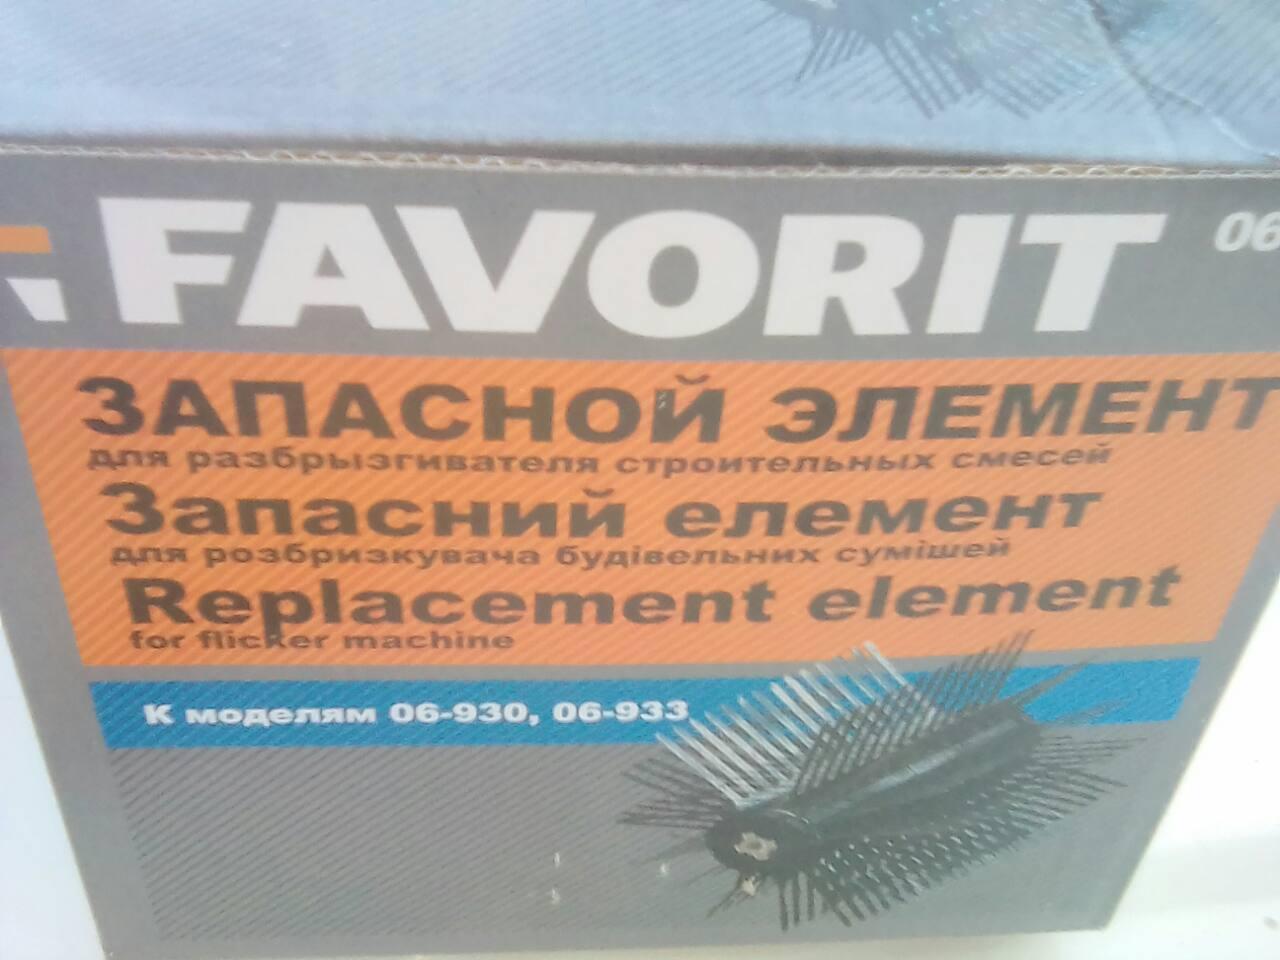 Запаска для шубомета (разбрызгивателя строительных смесей) ежик штукатурный - erniboom market в Херсоне